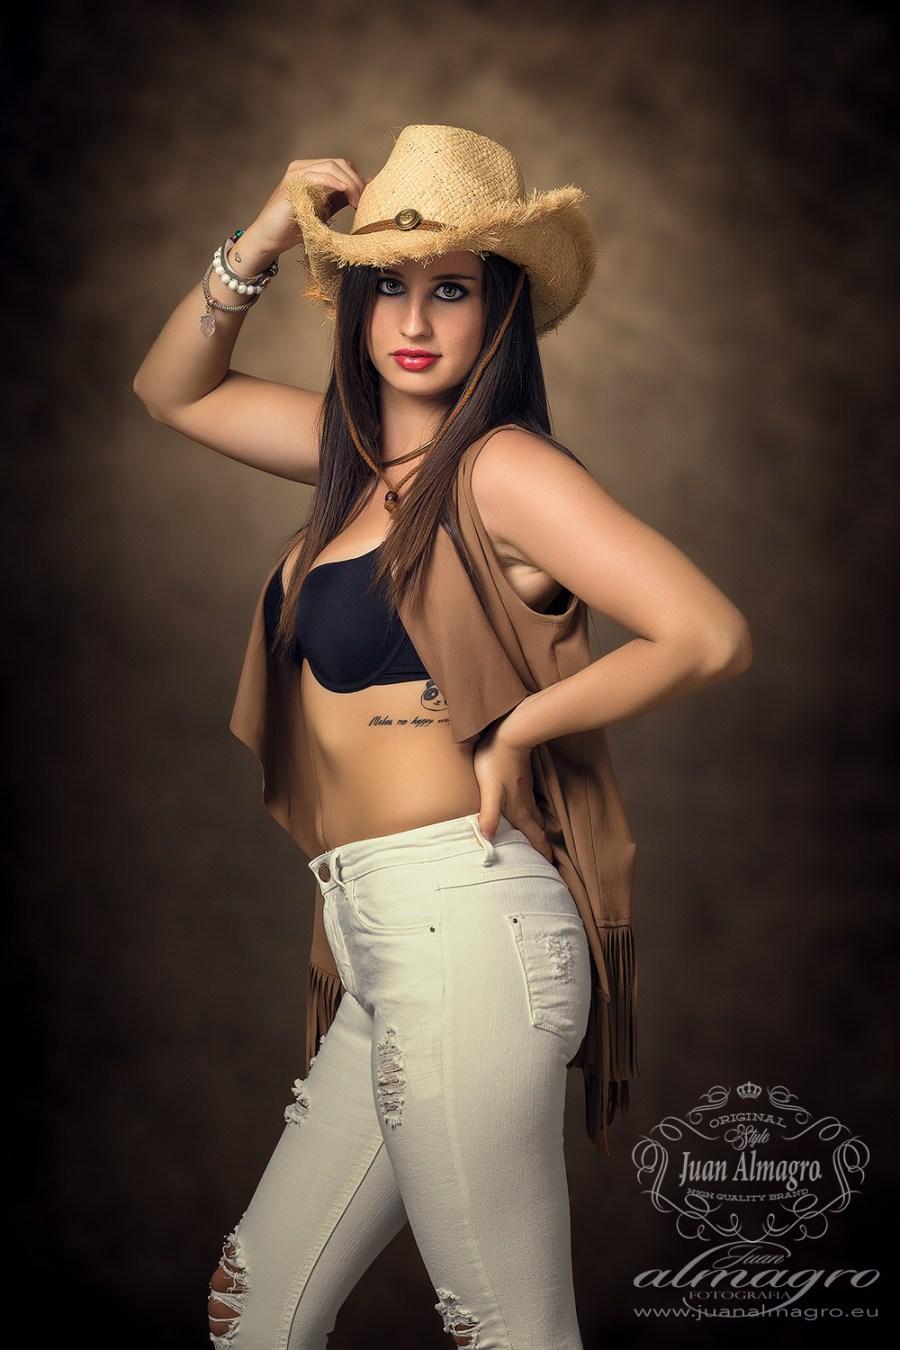 fotos de book en estudio fotografico de Juan Almagro